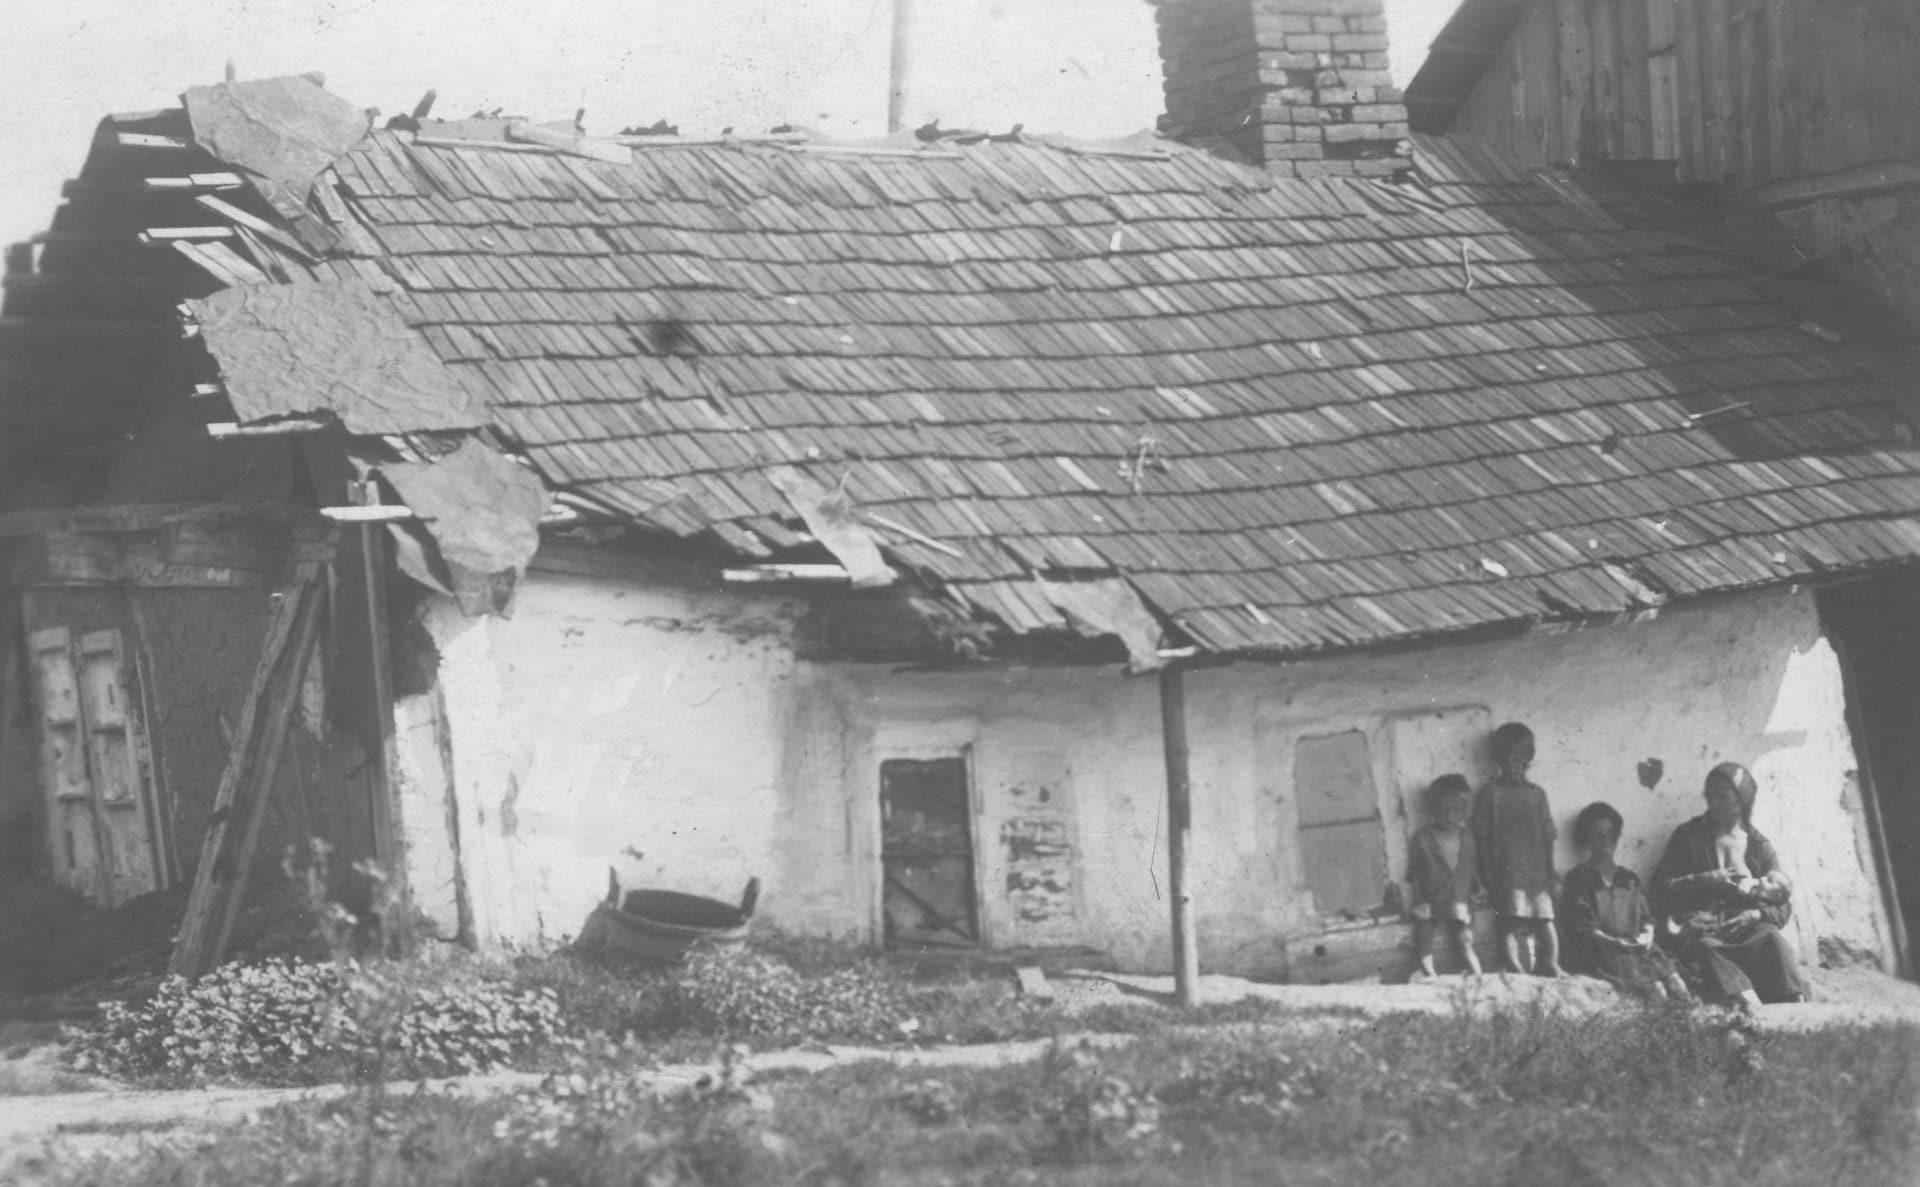 Widok zewnętrzny walącego się domu bezrobotnych mieszkańców Borysławia. 1929 rok. Źródło Narodowe Archiwum Cyfrowe.